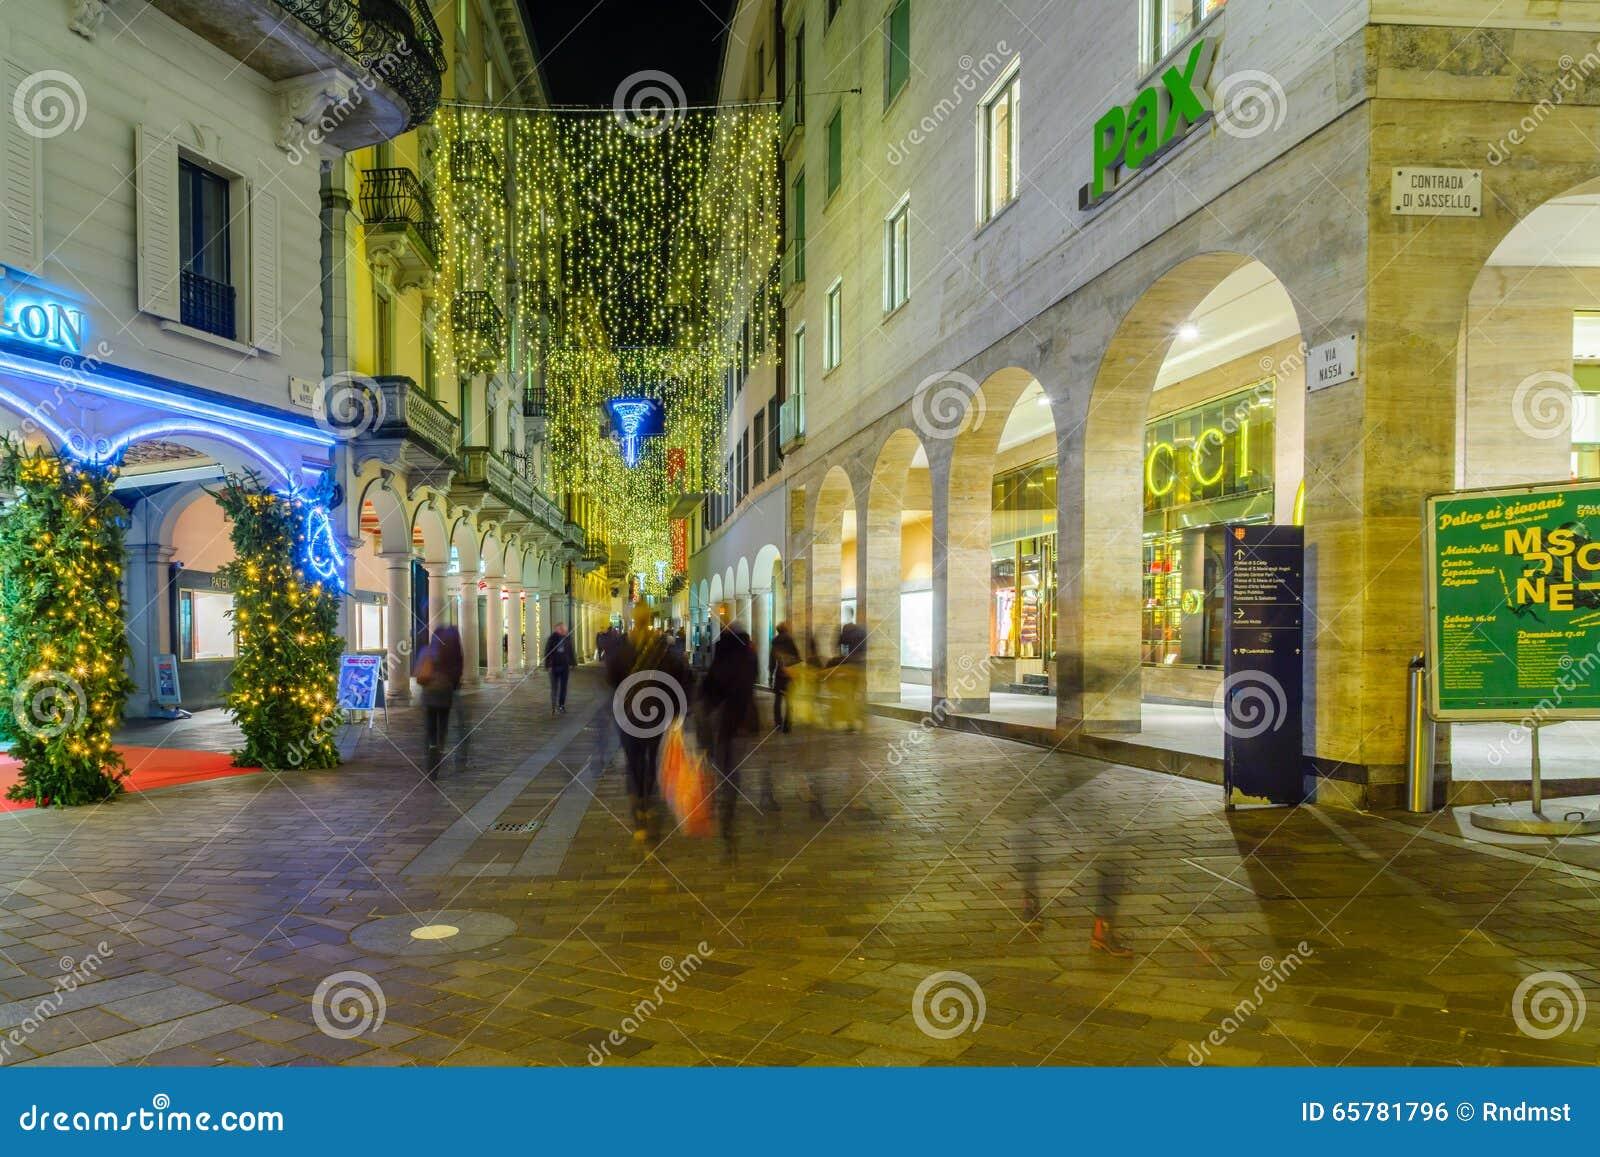 Decorazioni Natalizie Lugano.Natale A Lugano Fotografia Editoriale Immagine Di Cityscape 65781796